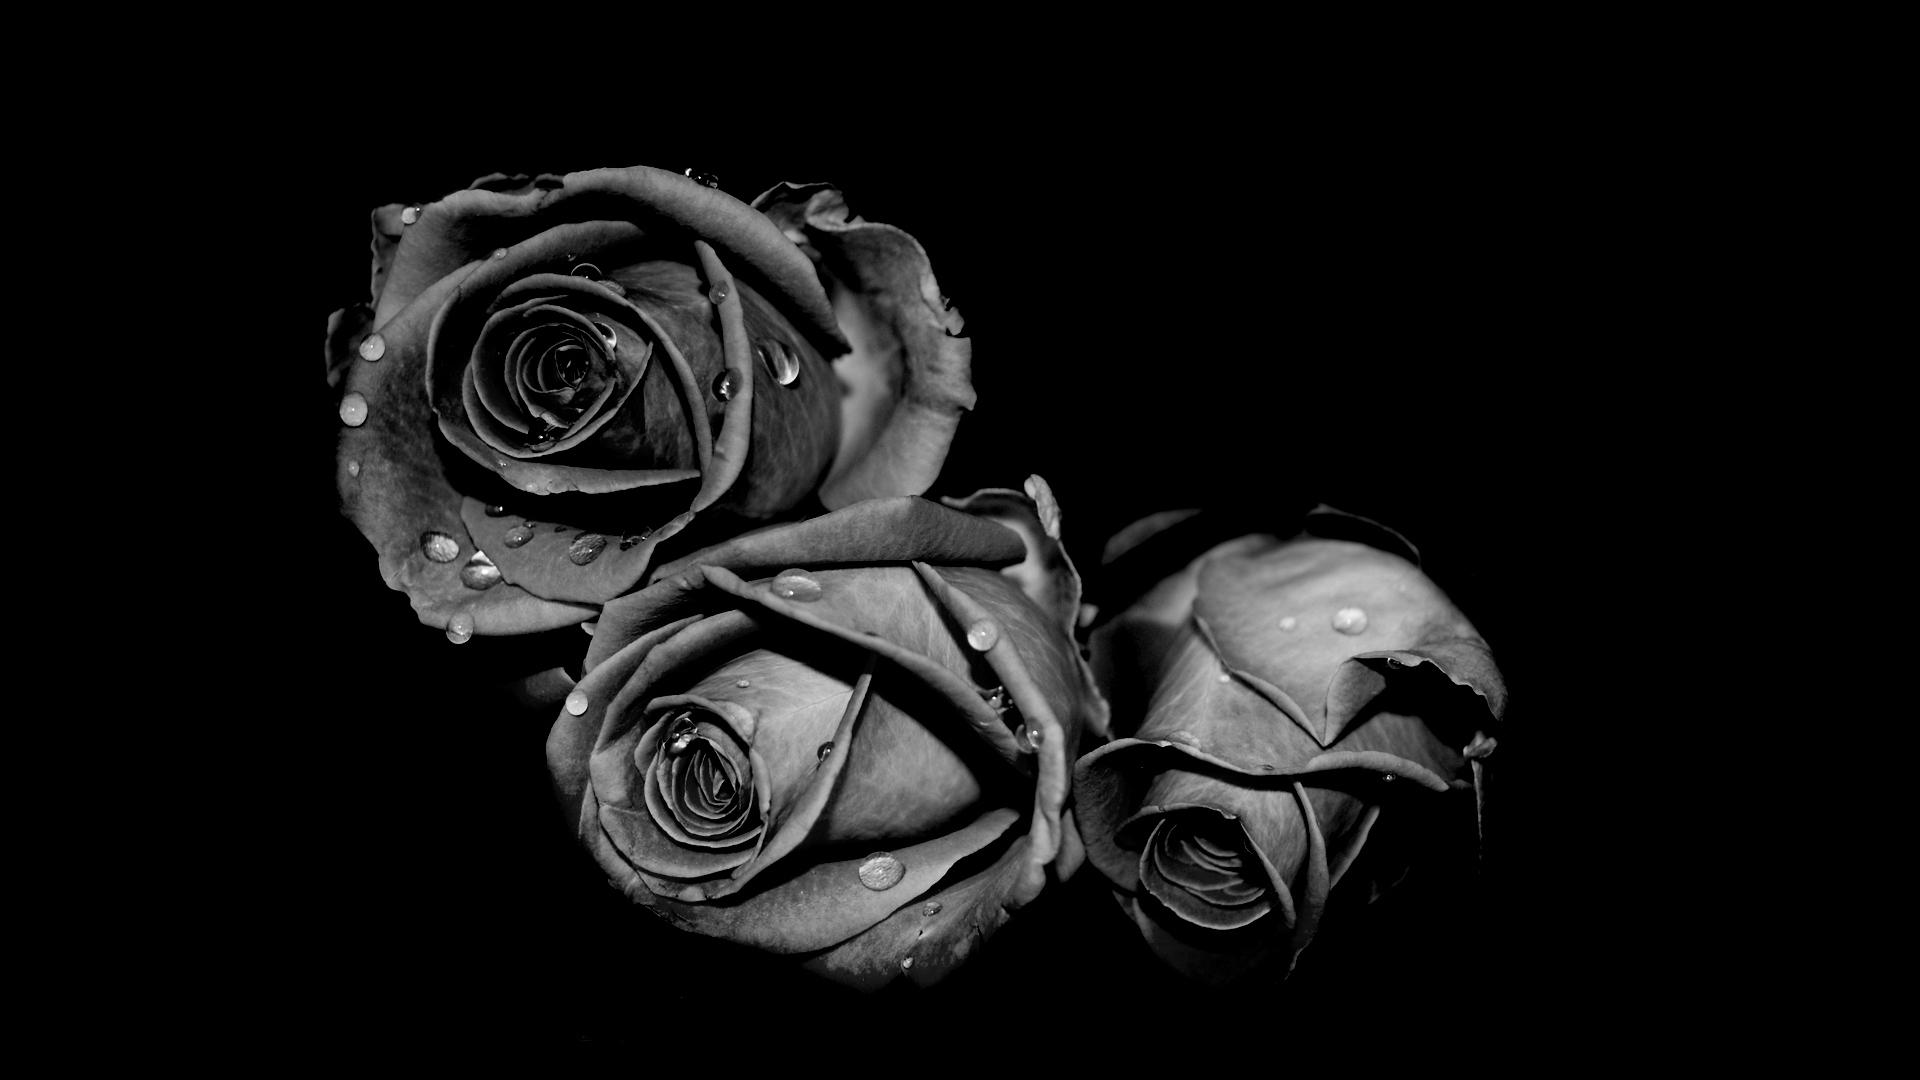 41242 скачать обои Растения, Цветы, Розы - заставки и картинки бесплатно